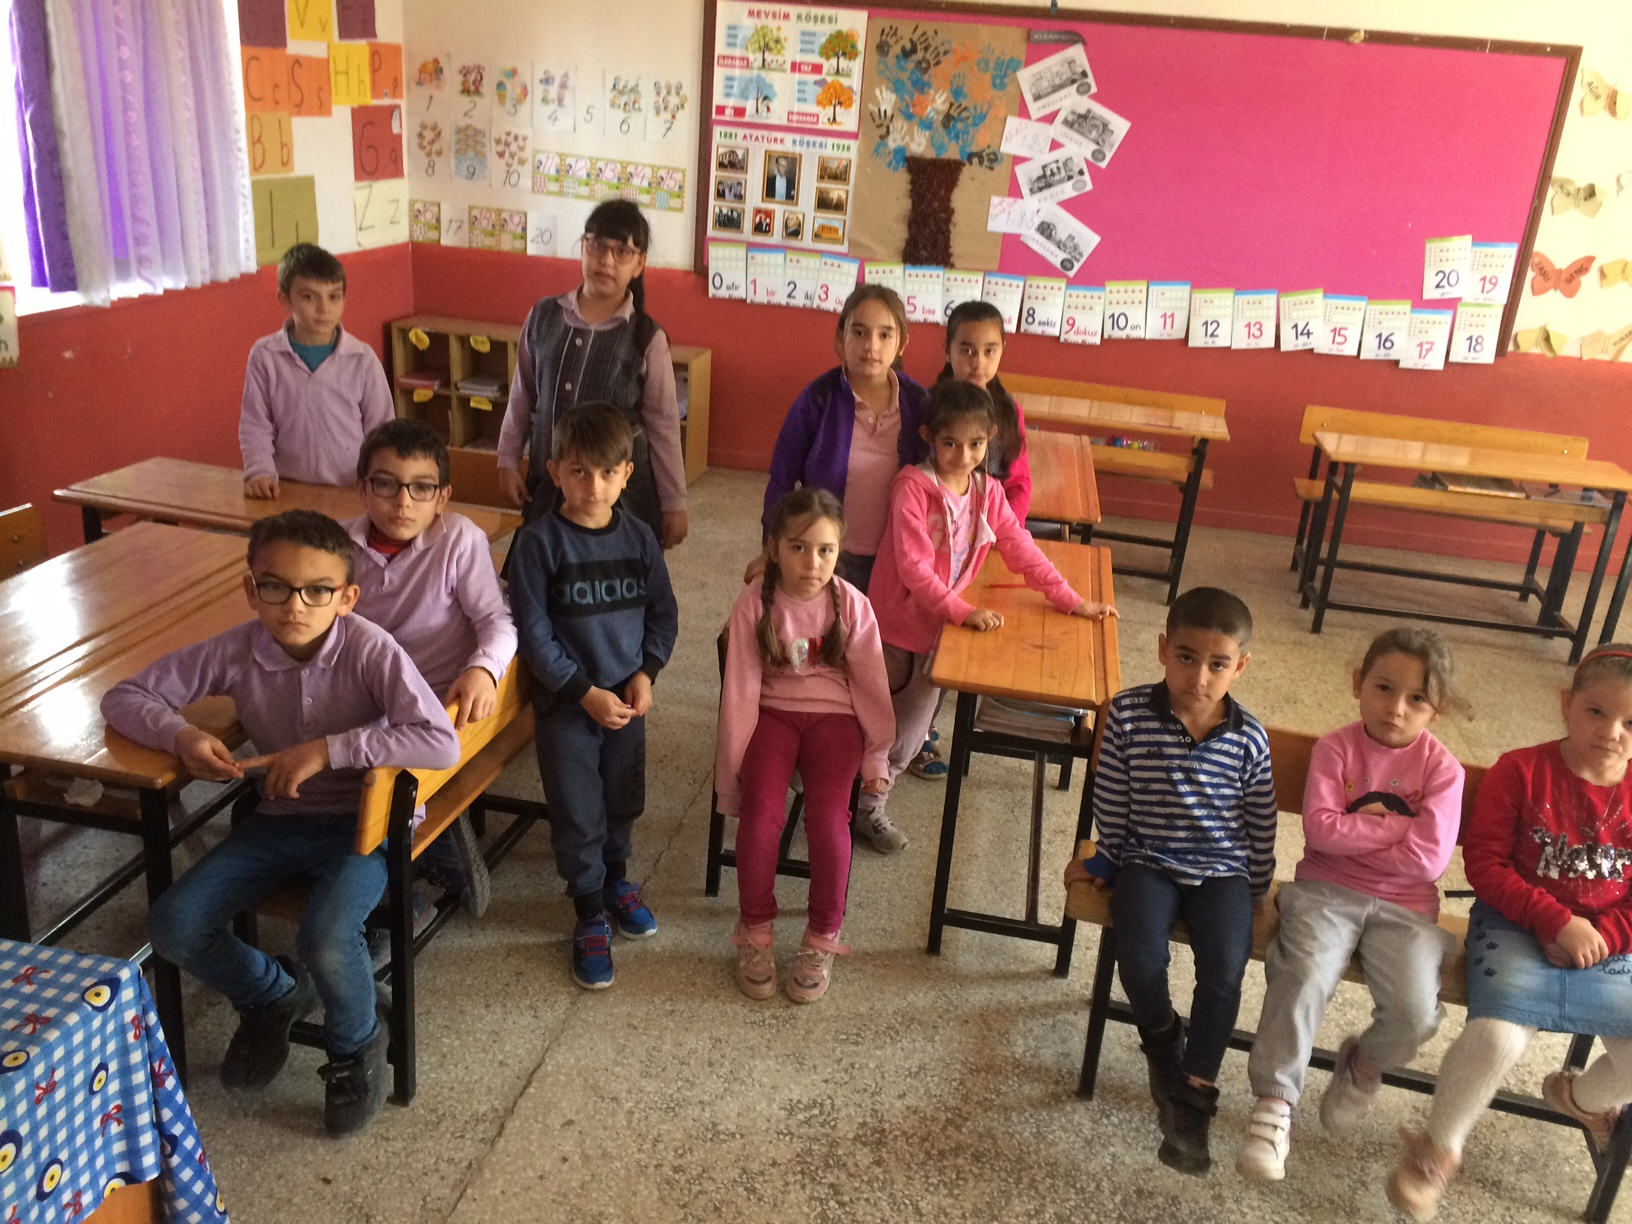 Akağaç Yukarı İlkokulu'nda Sıfır Atık Konulu Eğitim Verildi